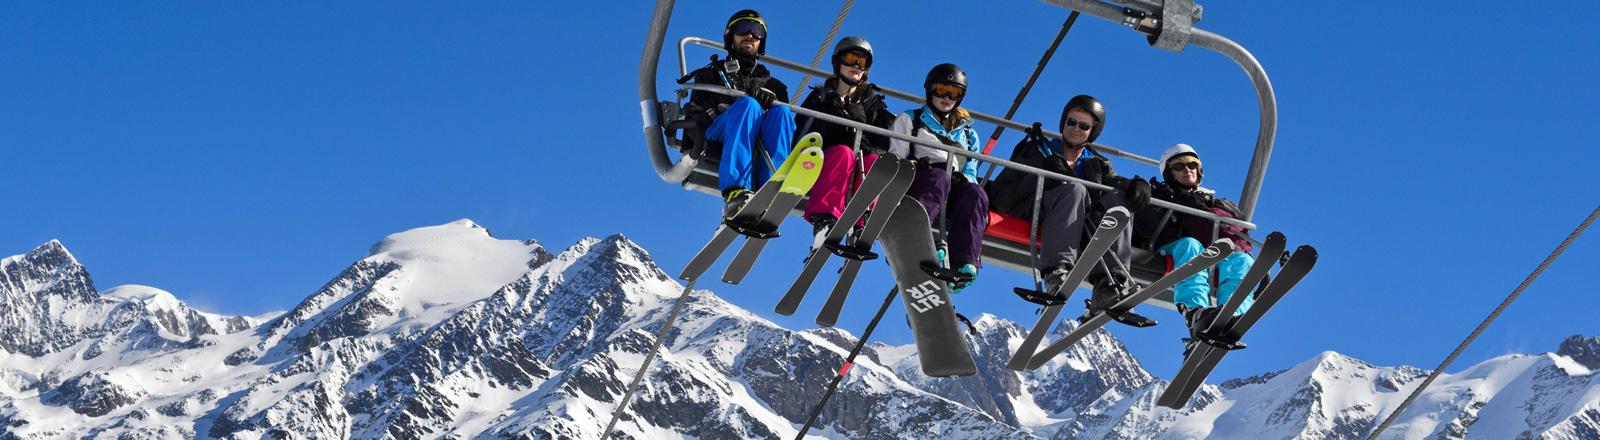 Auf einem Skilift sitzen fünf Personen in Skikleidung und mit Skiern sowie Snowboard. Im Hintergrund verschneite Berge.